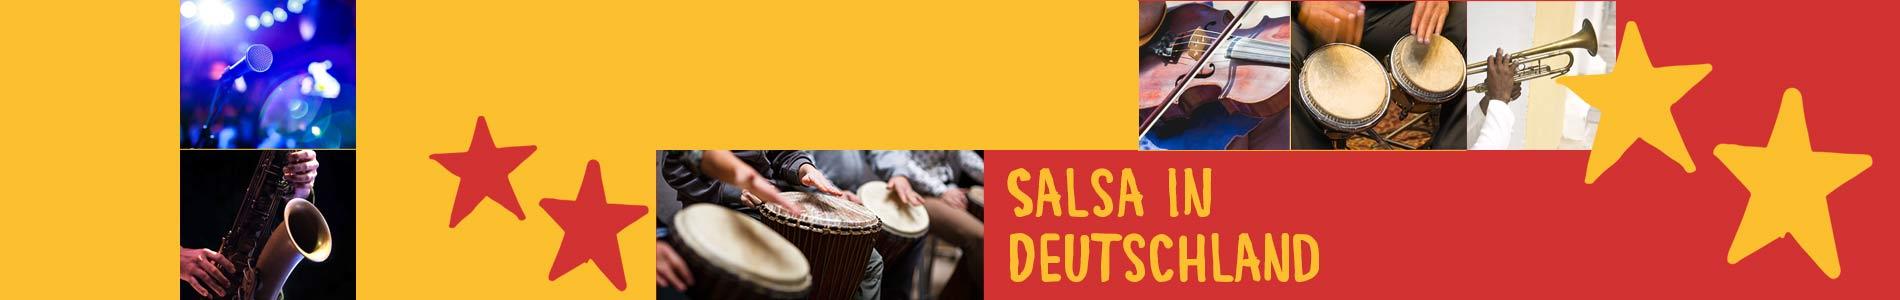 Salsa in Cappeln – Salsa lernen und tanzen, Tanzkurse, Partys, Veranstaltungen